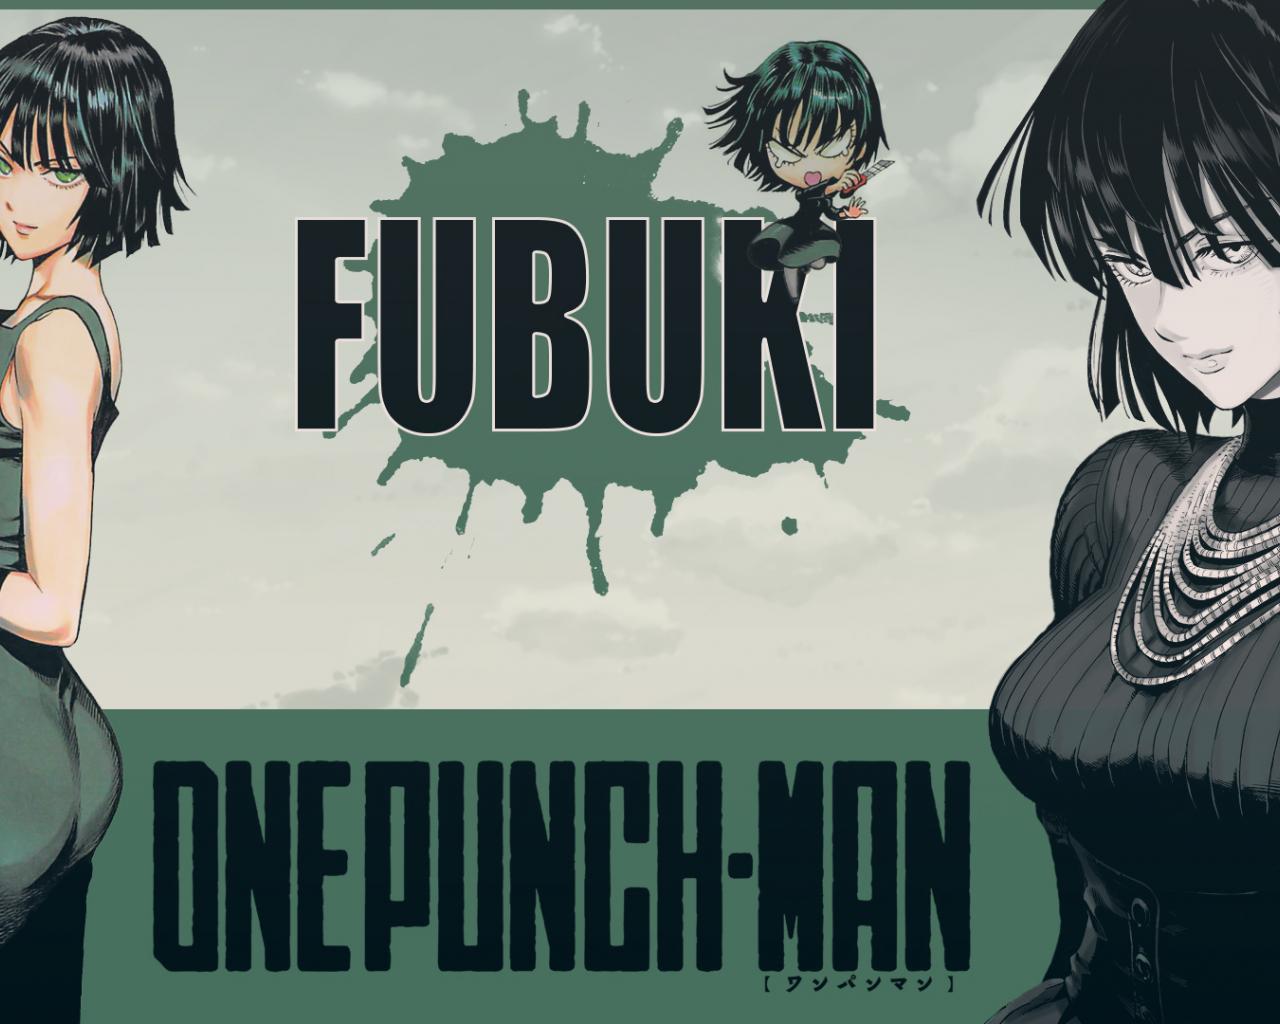 Free Download Fubuki Wallpaper 1920x1080 Onepunchman 1920x1080